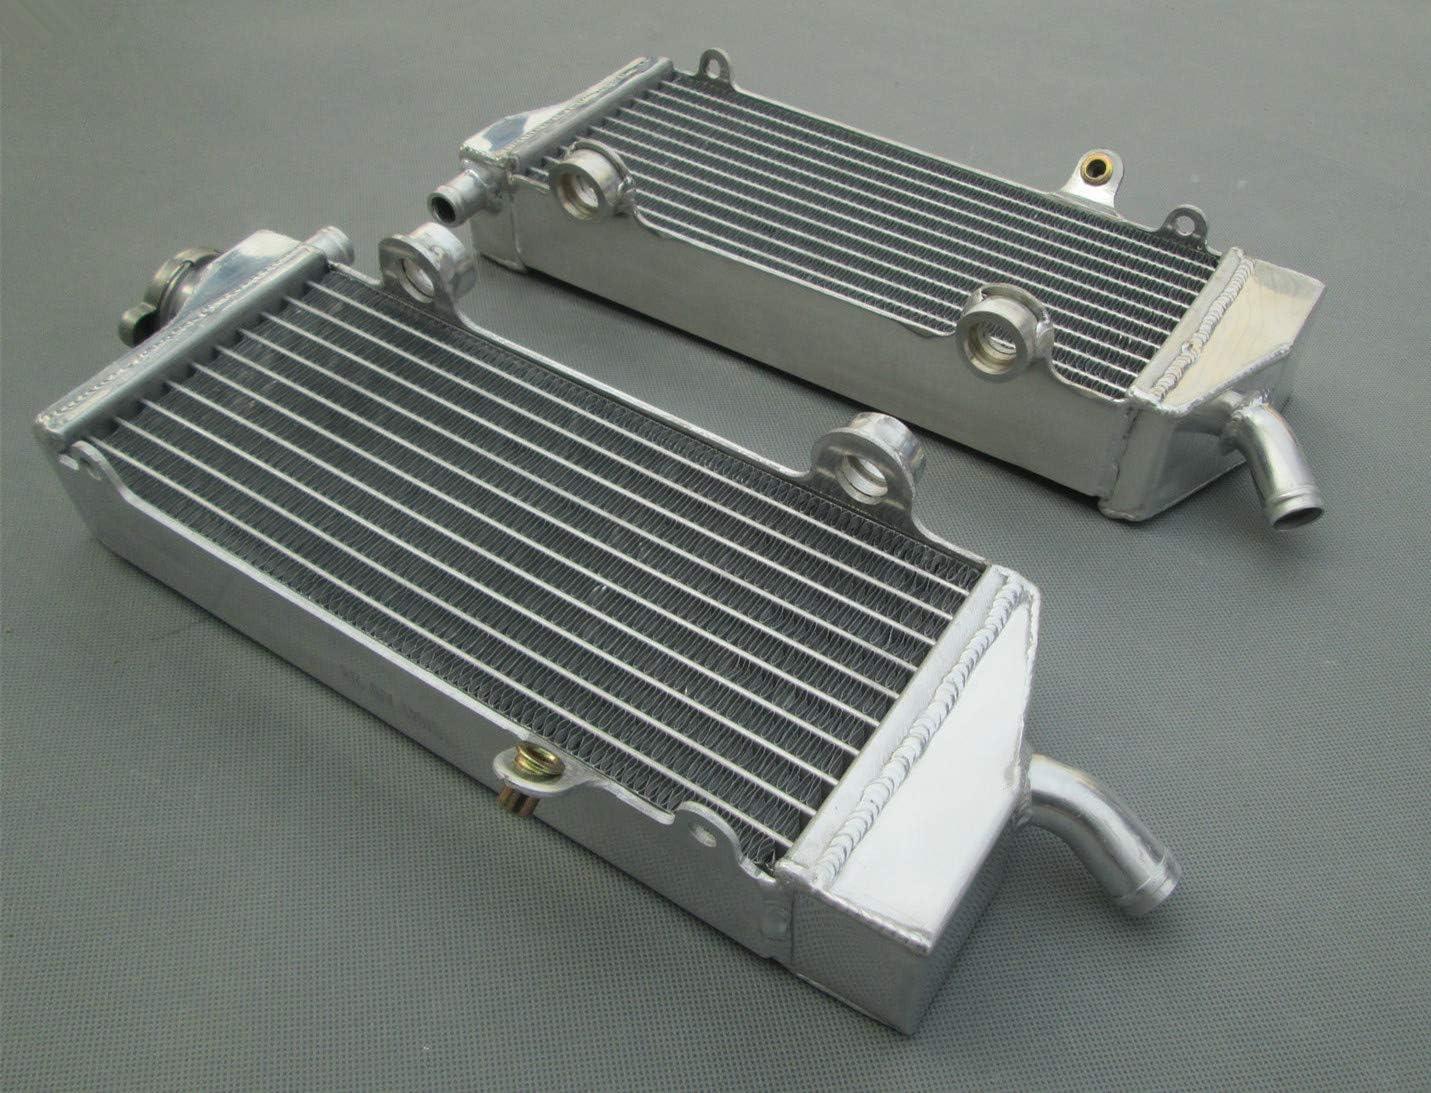 Aluminum radiator for KTM 250SXF 2007 2008 2009 2010 2011